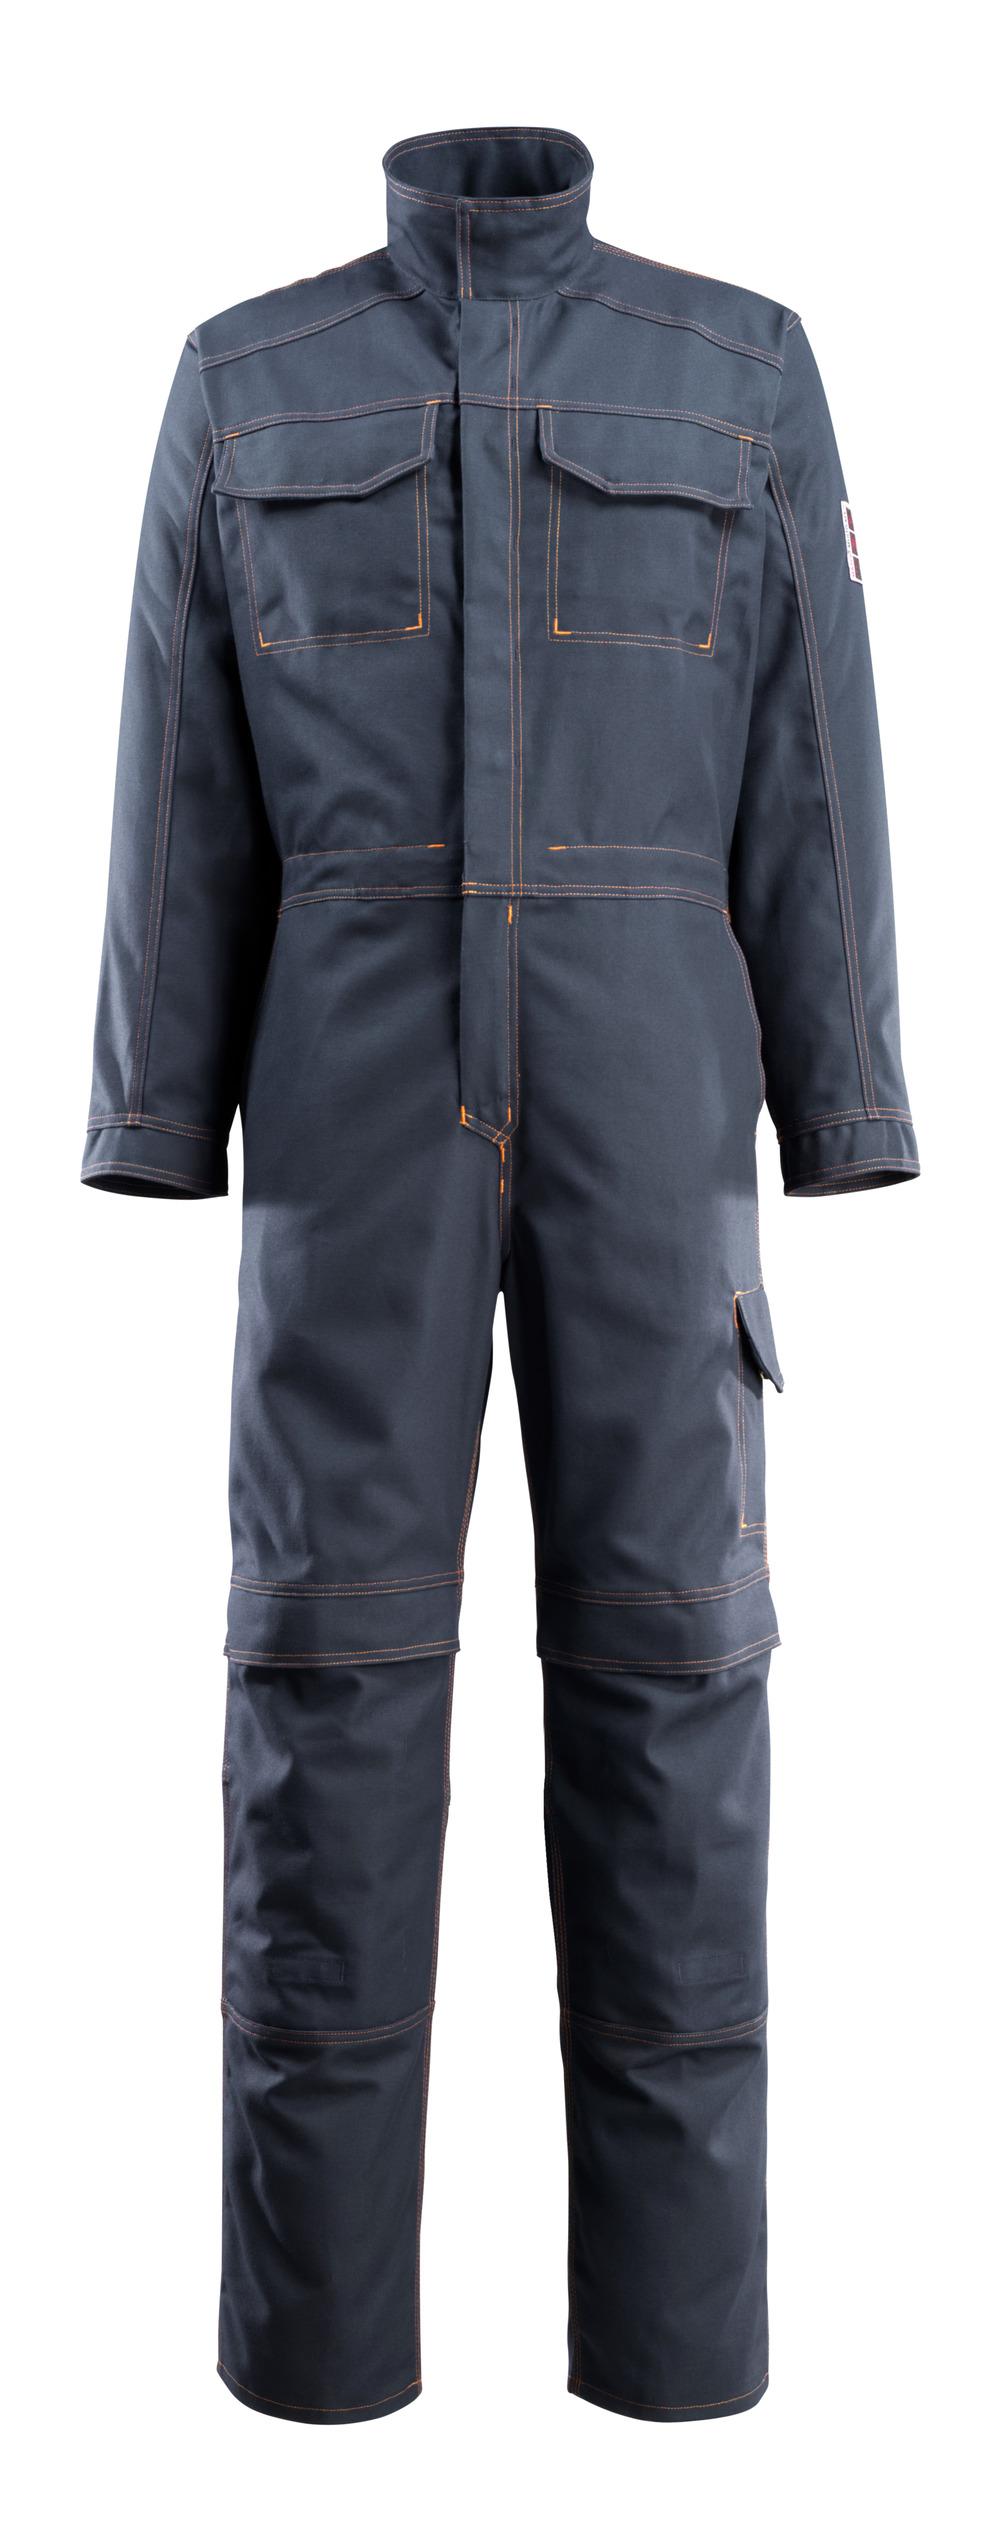 06619-135-010 Tuta da lavoro con tasche porta-ginocchiere - blu navy scuro